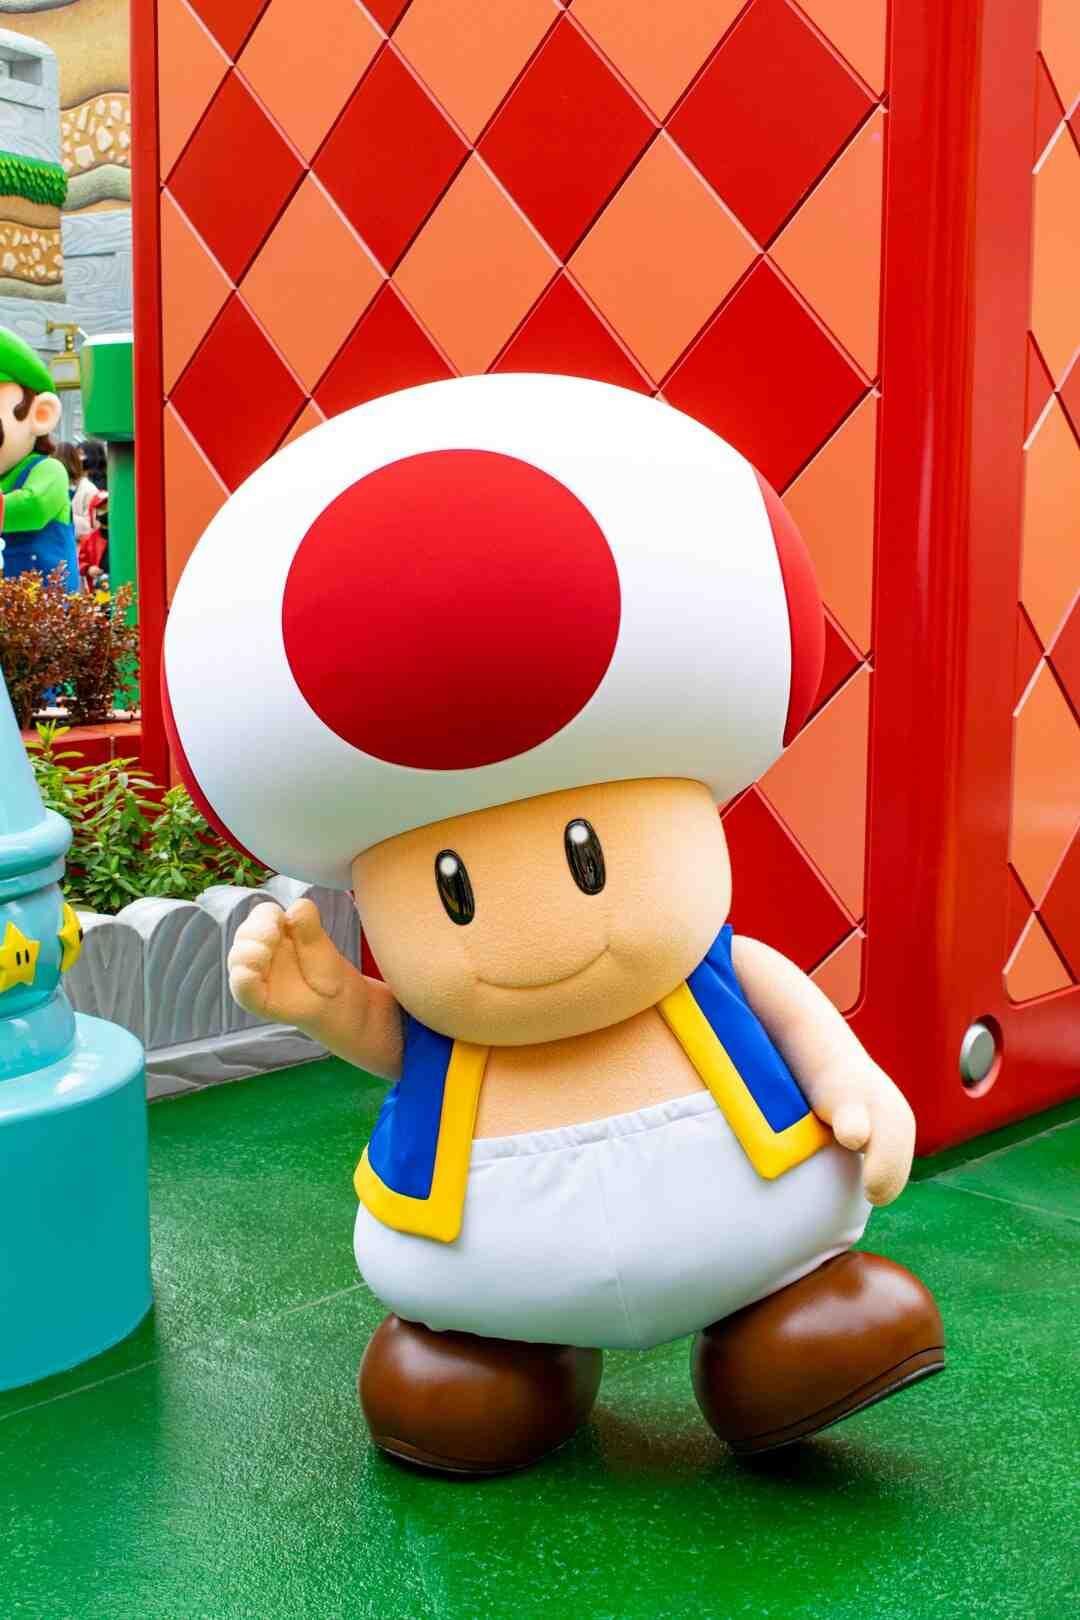 Comment faire la mise à jour de la Wii ?